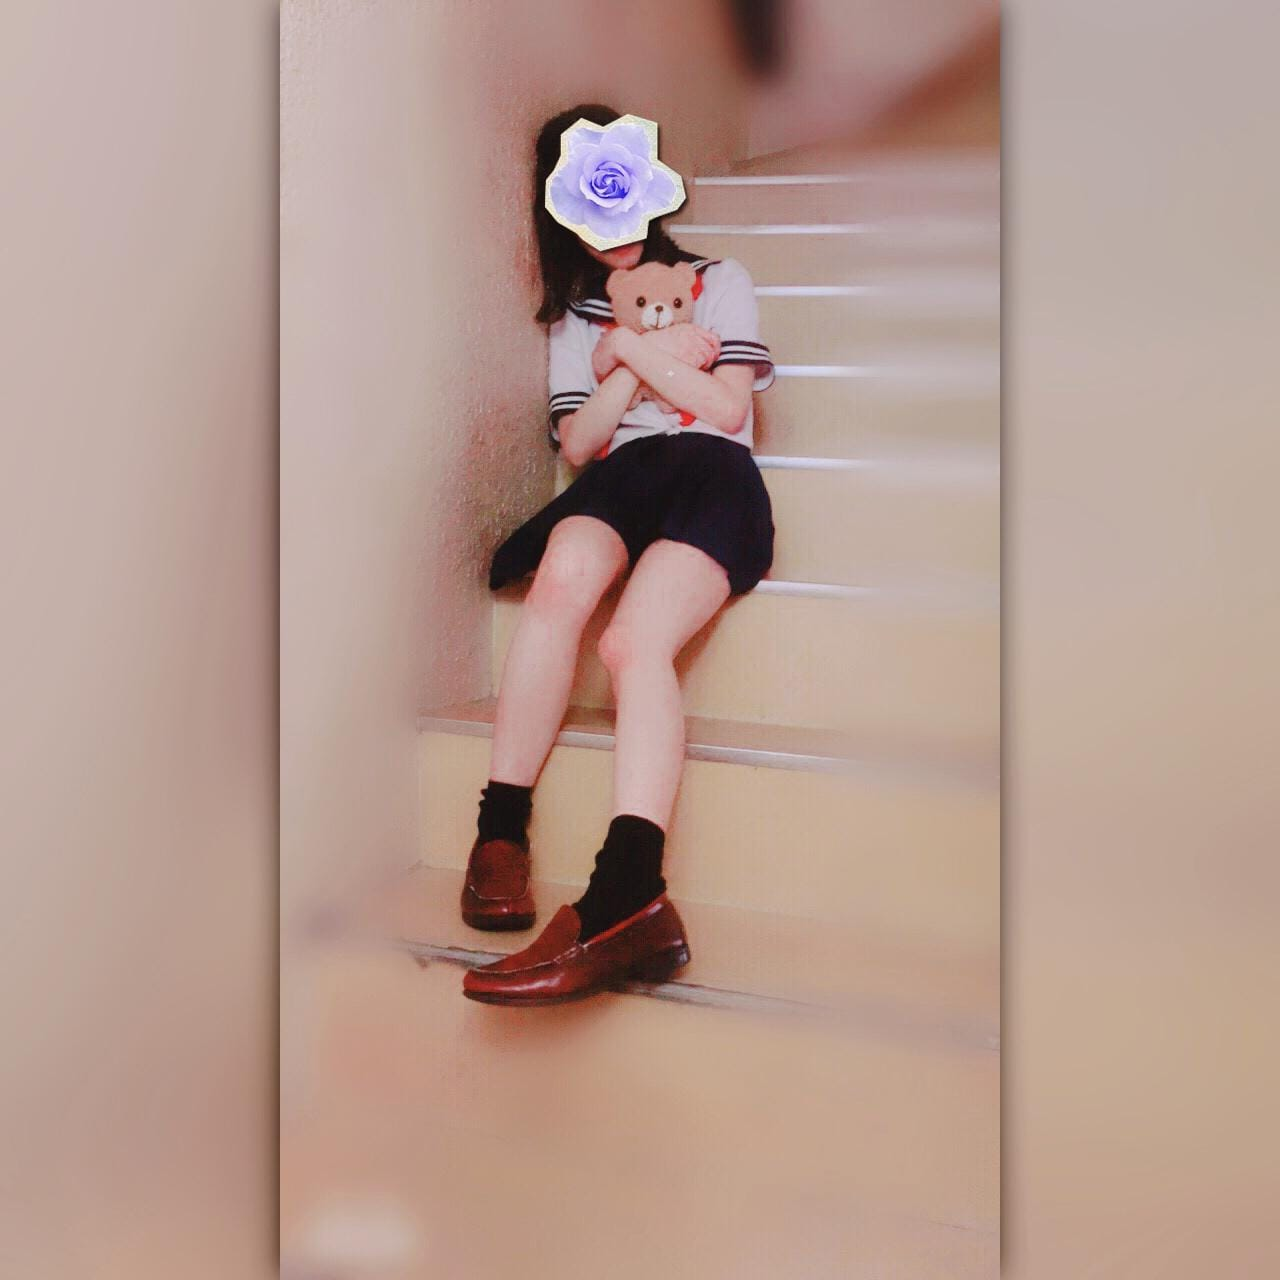 「愛に来てほシイナ❤️」11/17(土) 22:26 | Nо88 椎名の写メ・風俗動画